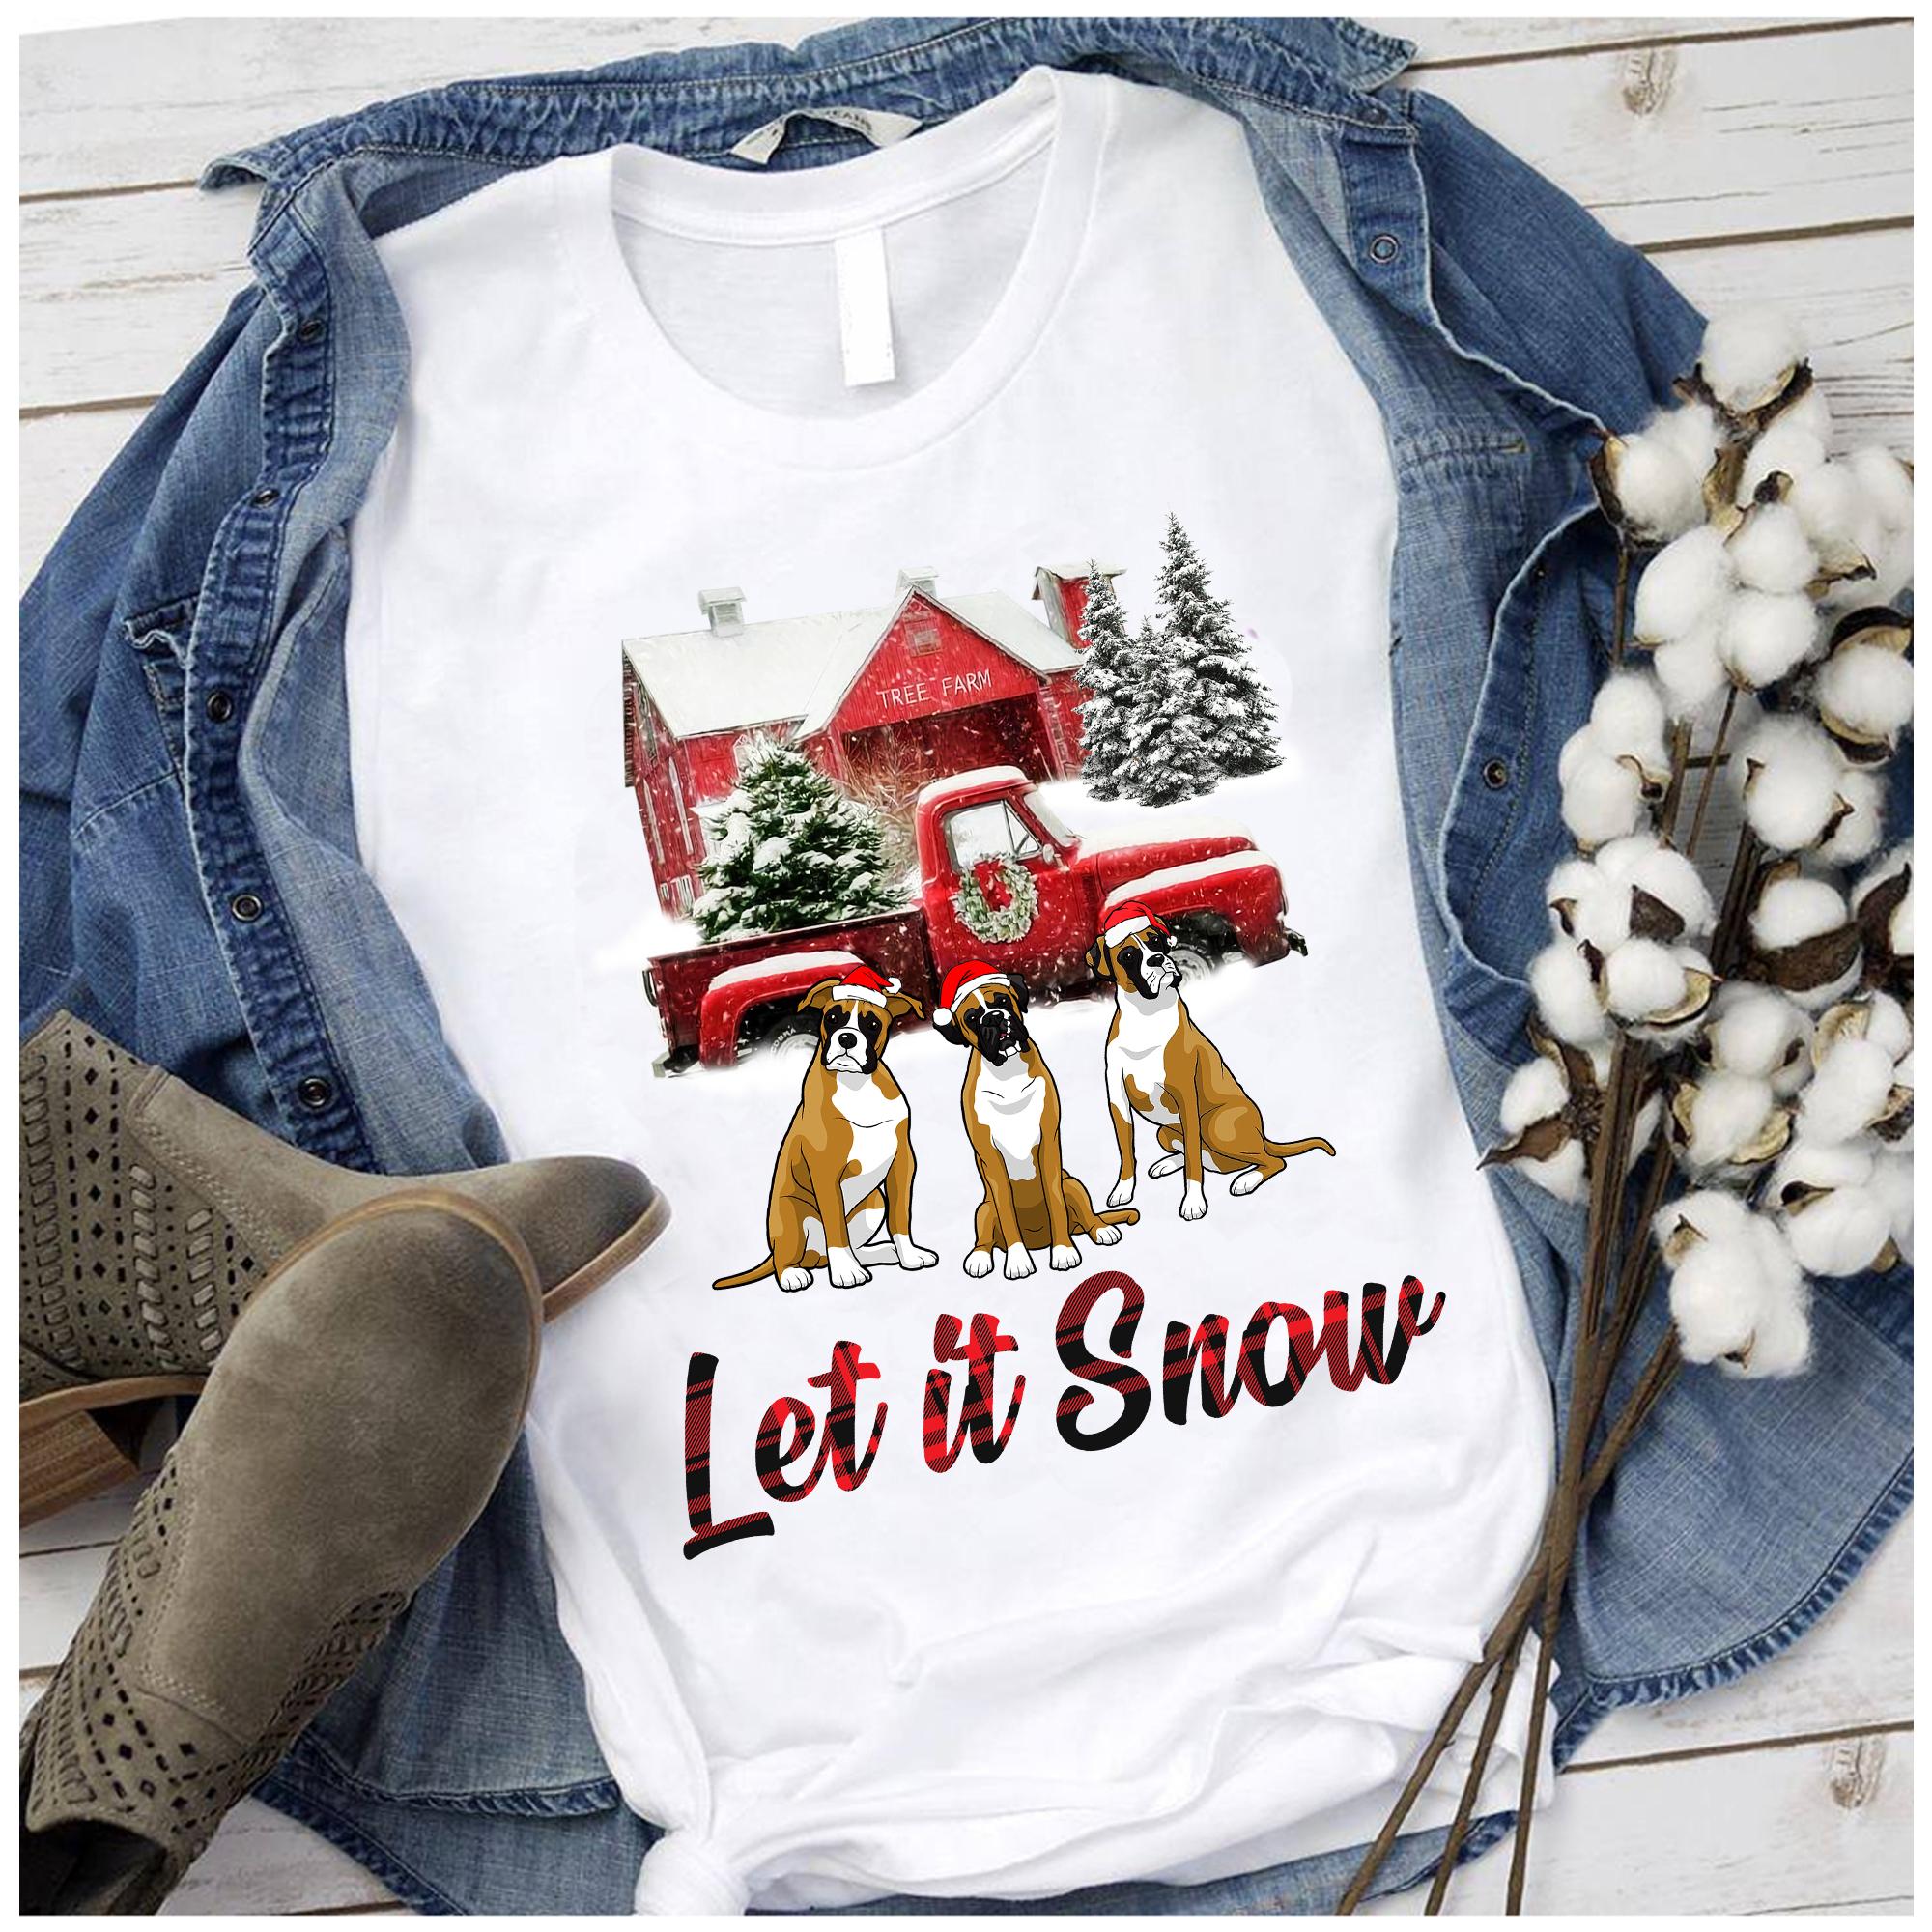 Let It Snow Boxer dog Christmas T shirt 100% cotton